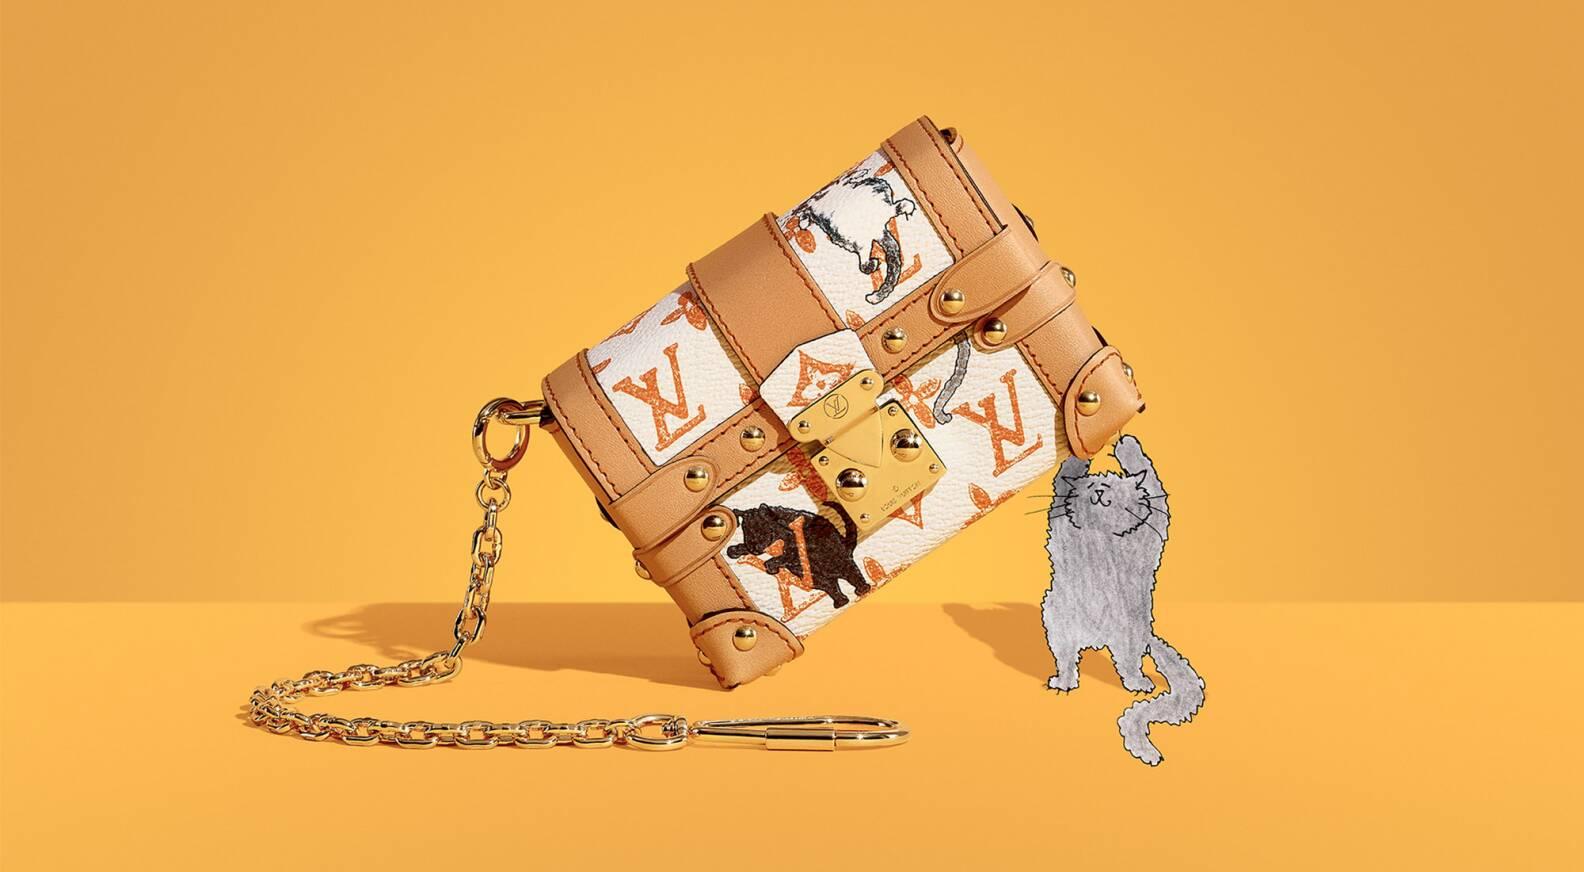 f94662e9d4c7 Louis Vuitton unveils capsule collection with Grace Coddington ...